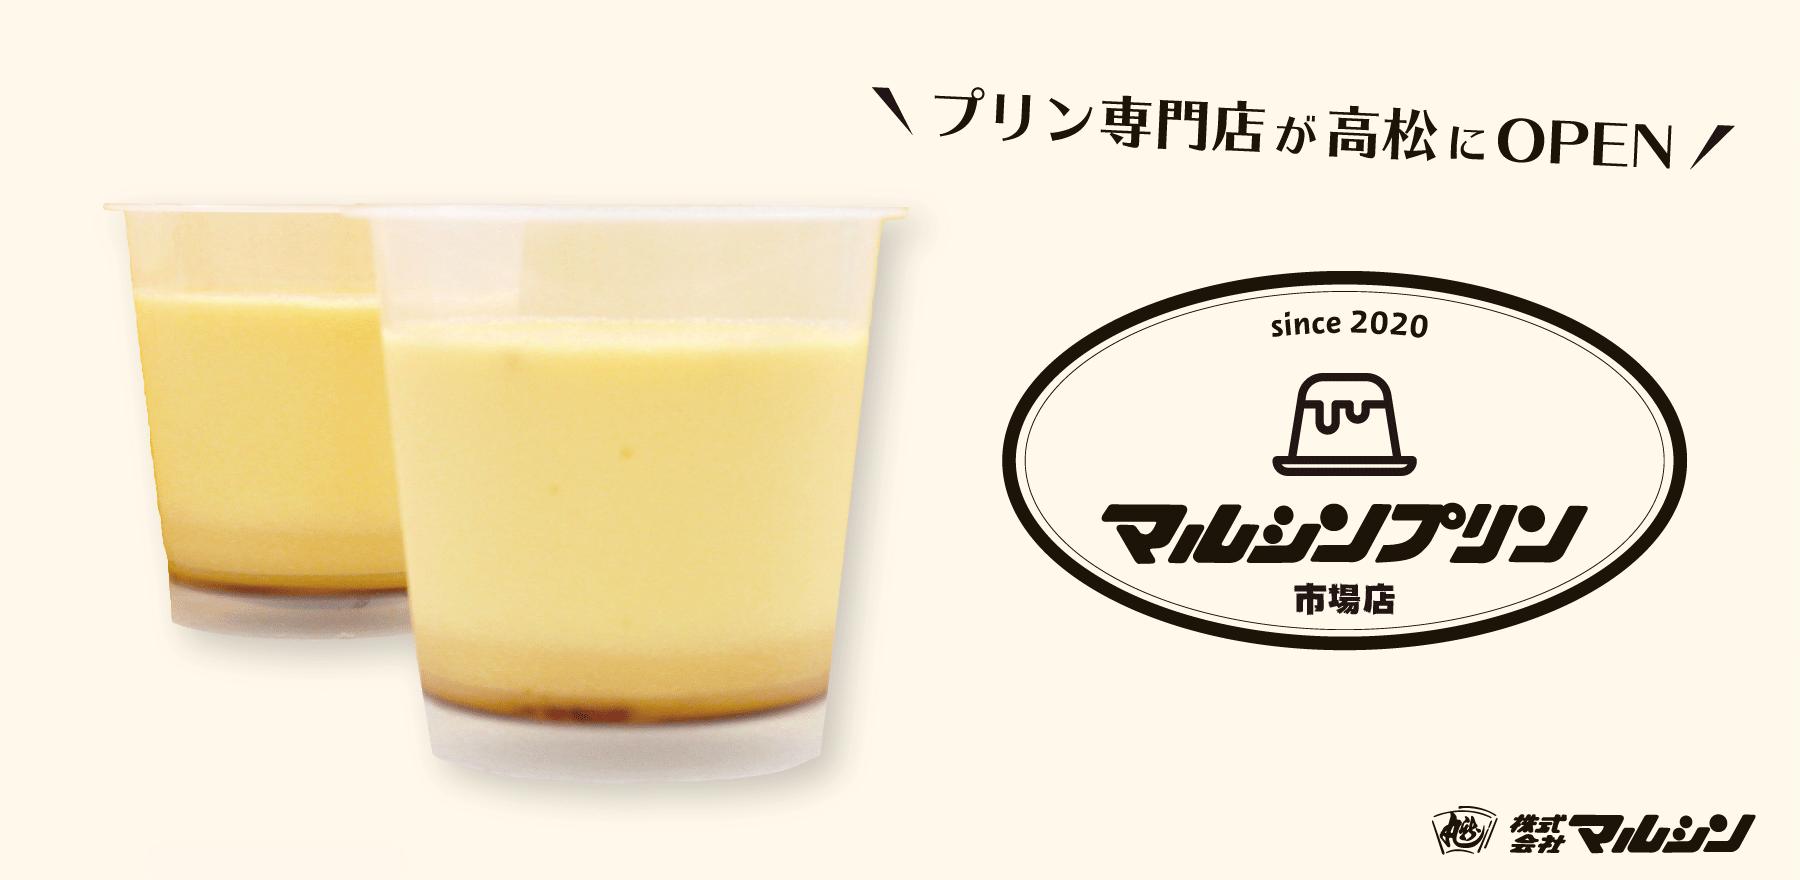 【2021年最新!】地元民が選ぶ高松市近辺でプリンが美味しいお店・6選